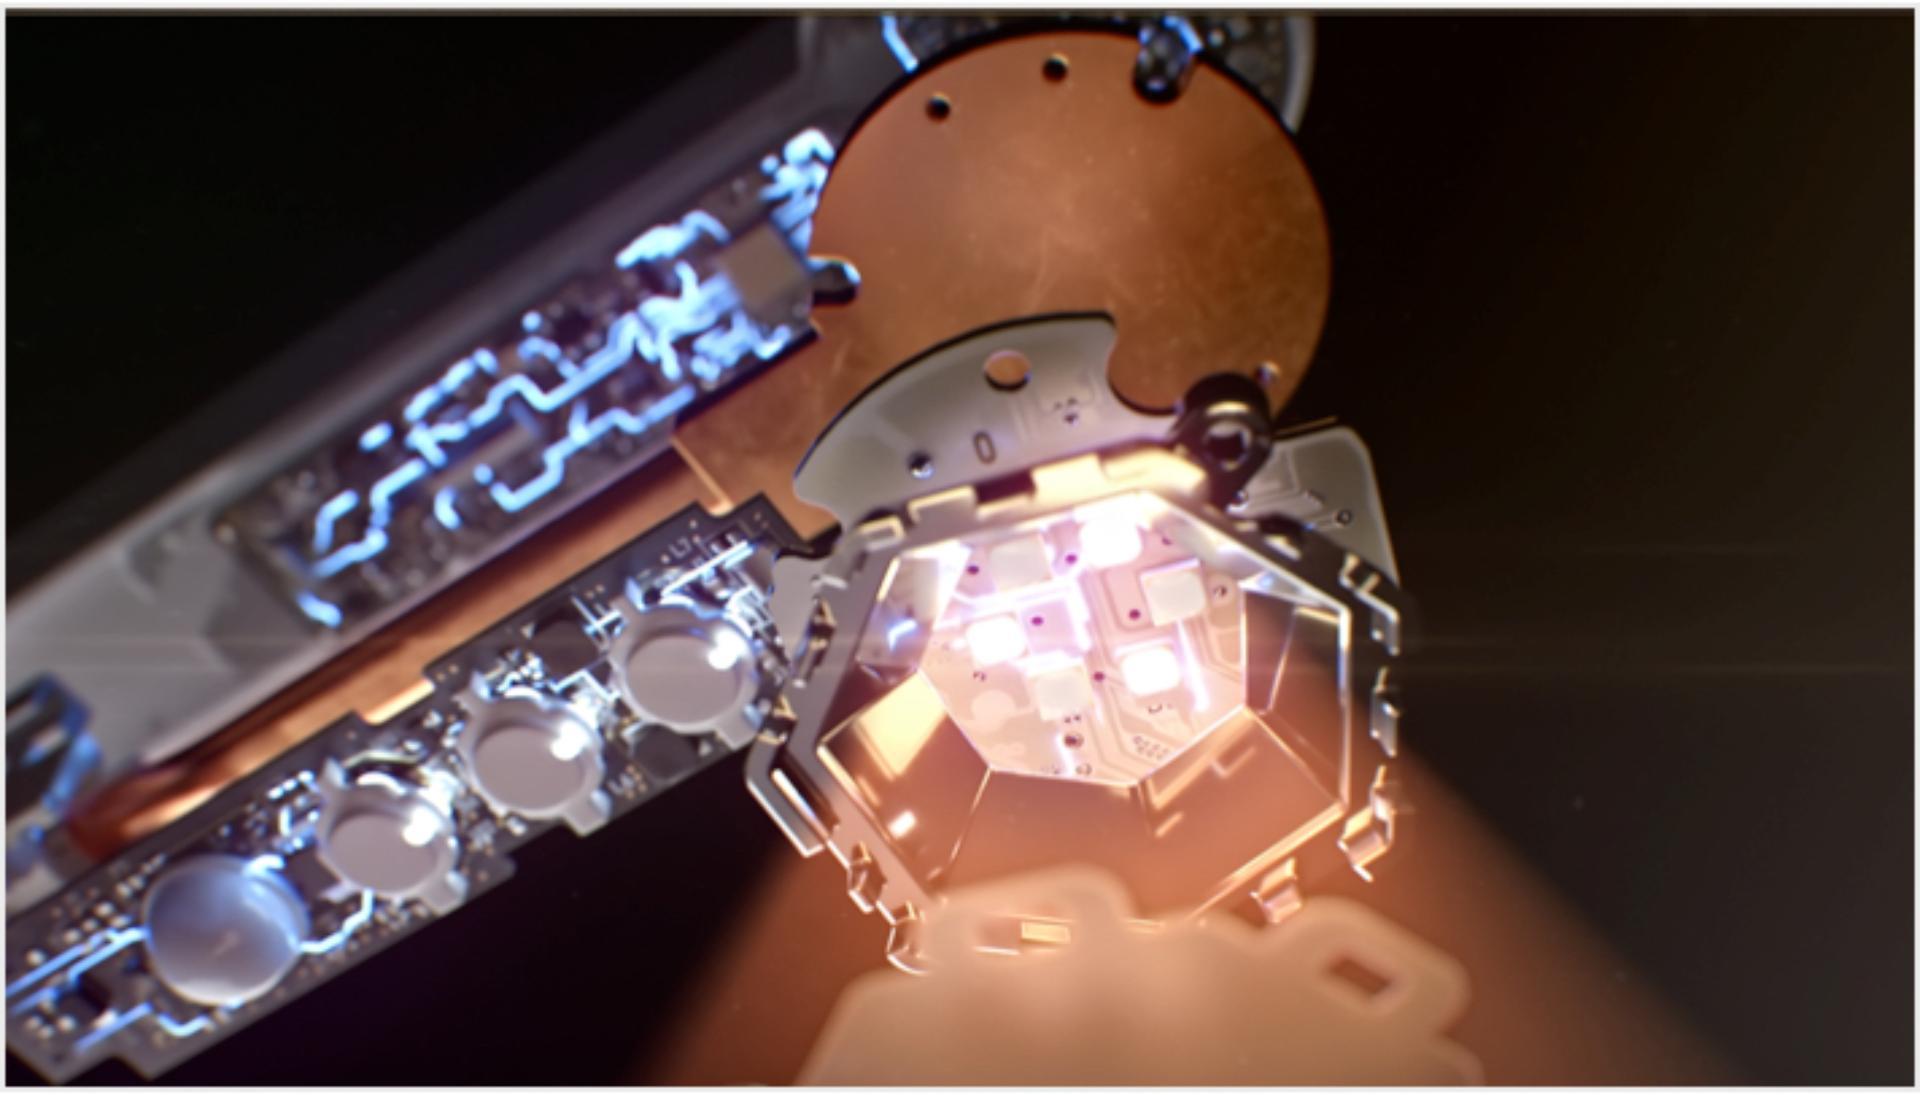 지능형 광학 헤드 내부 센서 시스템의 근접 촬영 사진